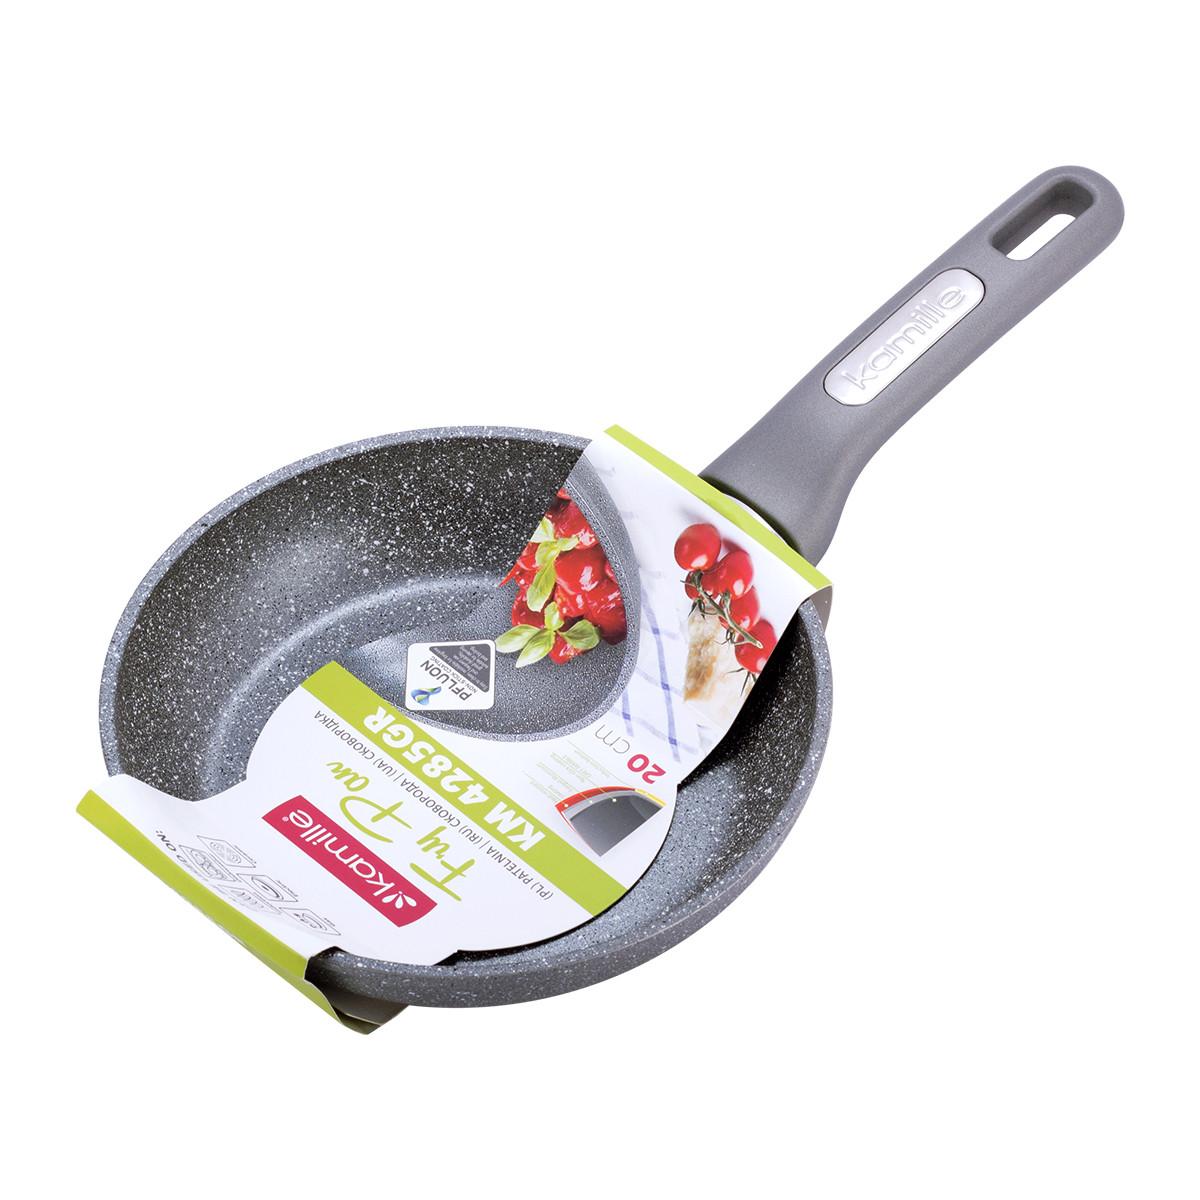 Сковорода Kamille 20см с гранитным покрытием из алюминия KM-4285GR